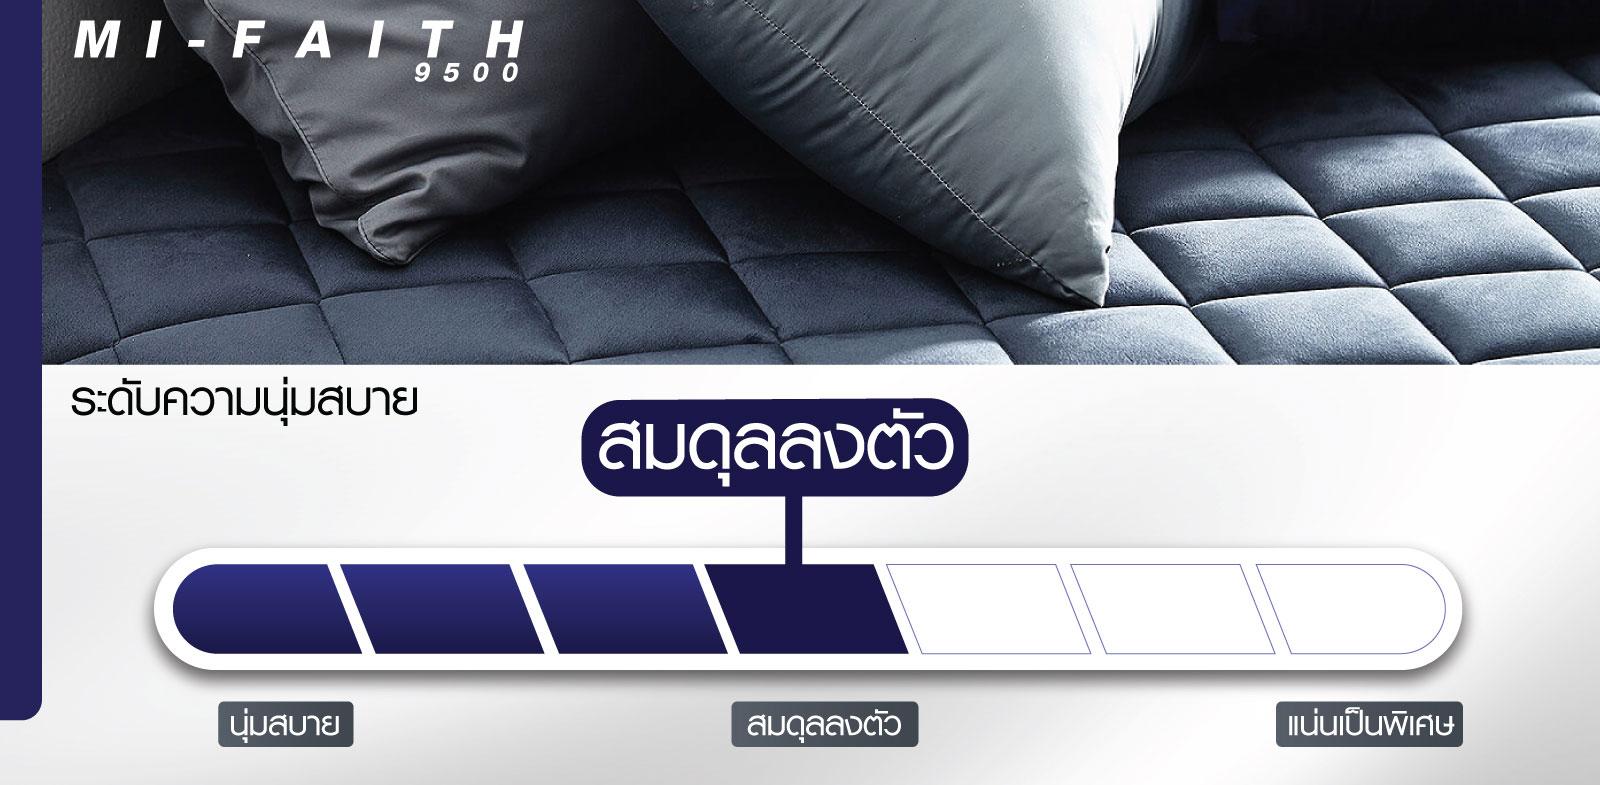 ที่นอน Midas รุ่น Mi-Faith 9500